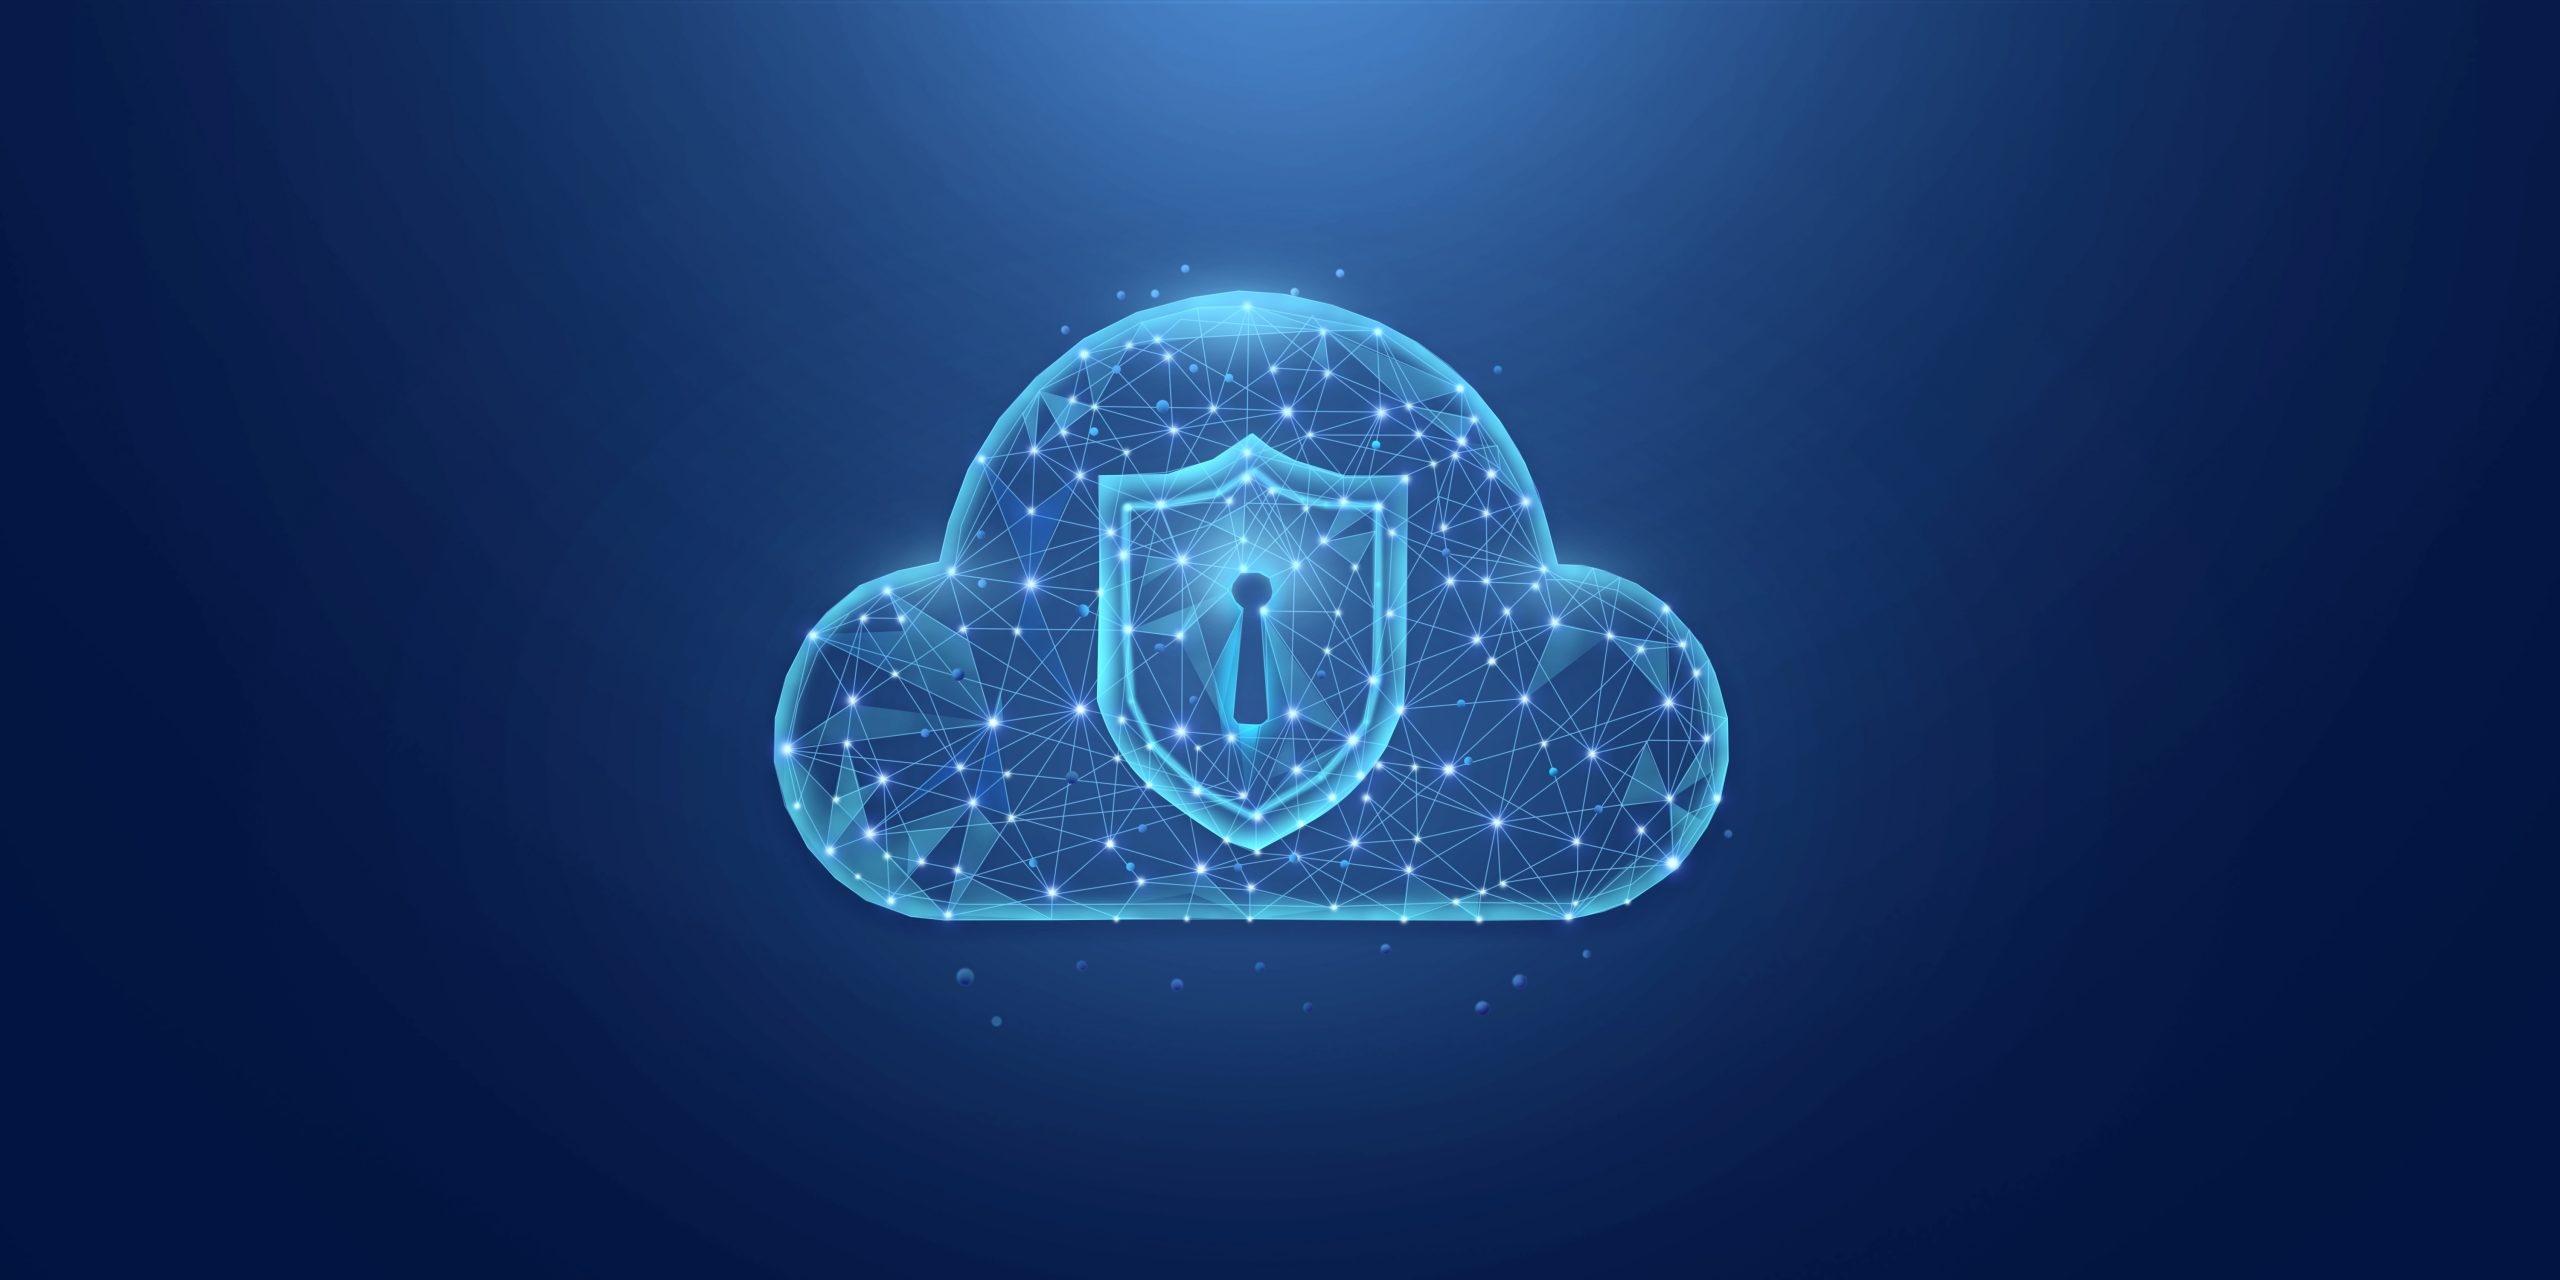 Syntax私有云在安全性、服务性上超过公共云